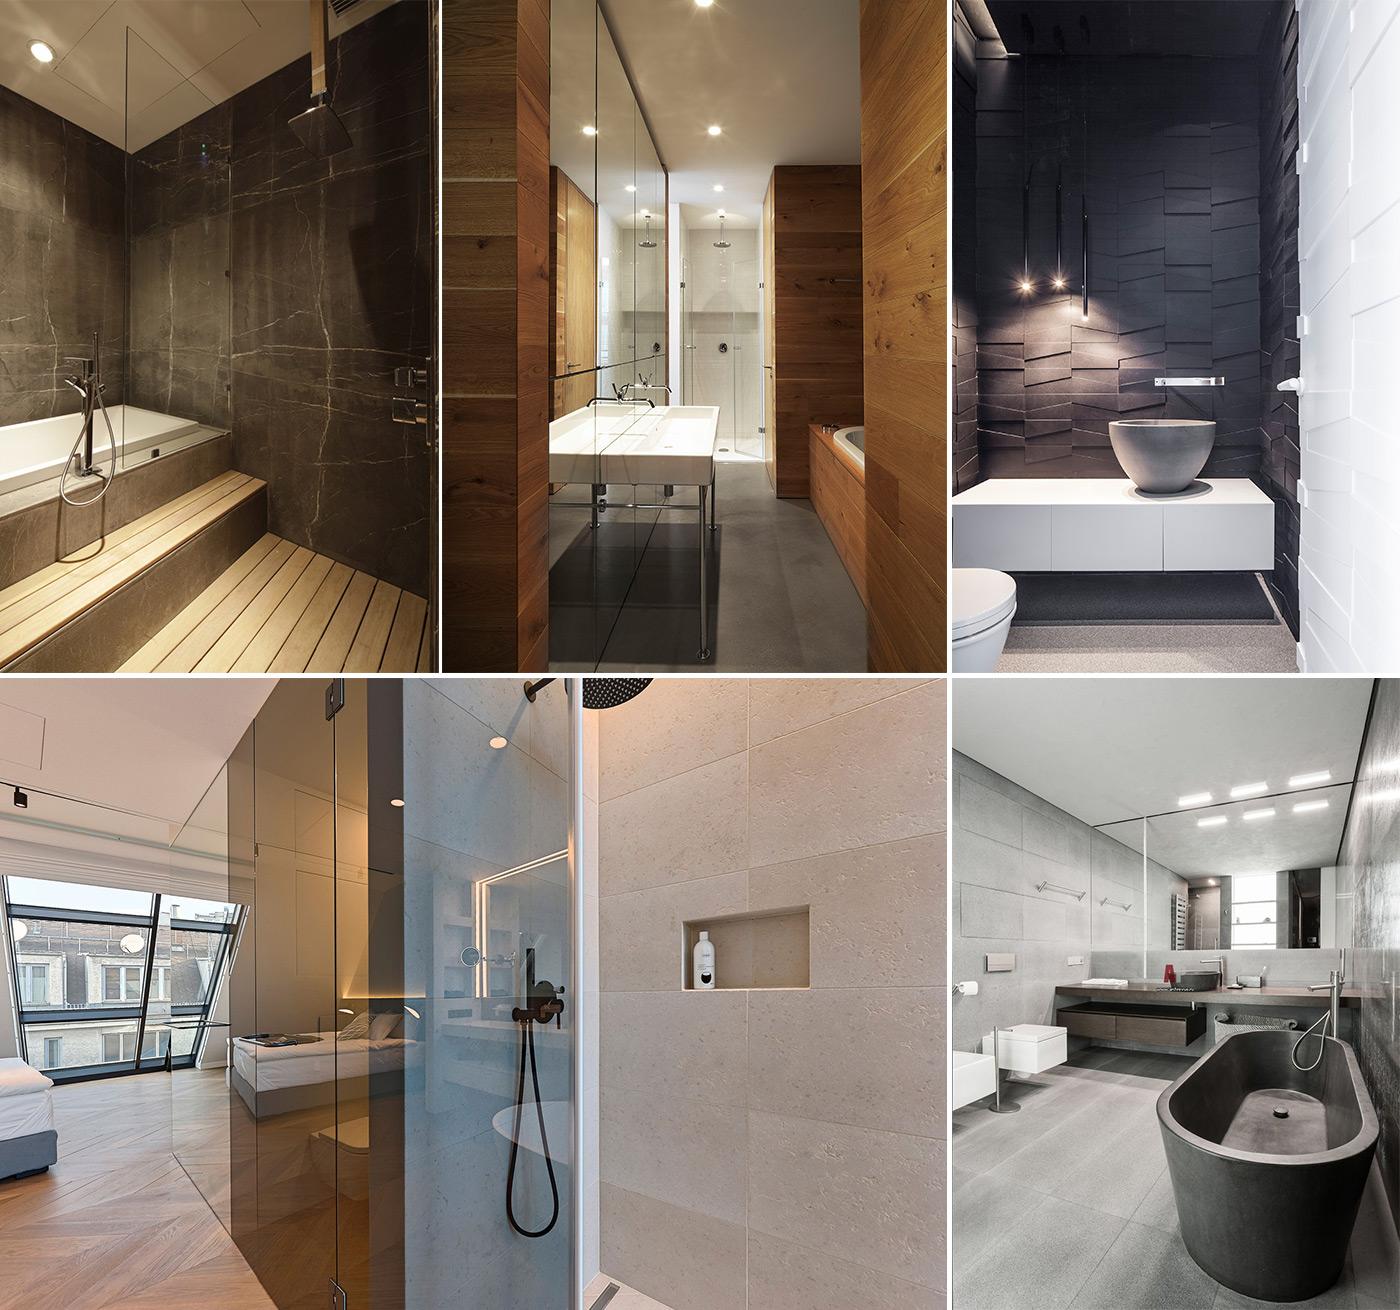 современный дизайн интерьера однокомнатной квартиры